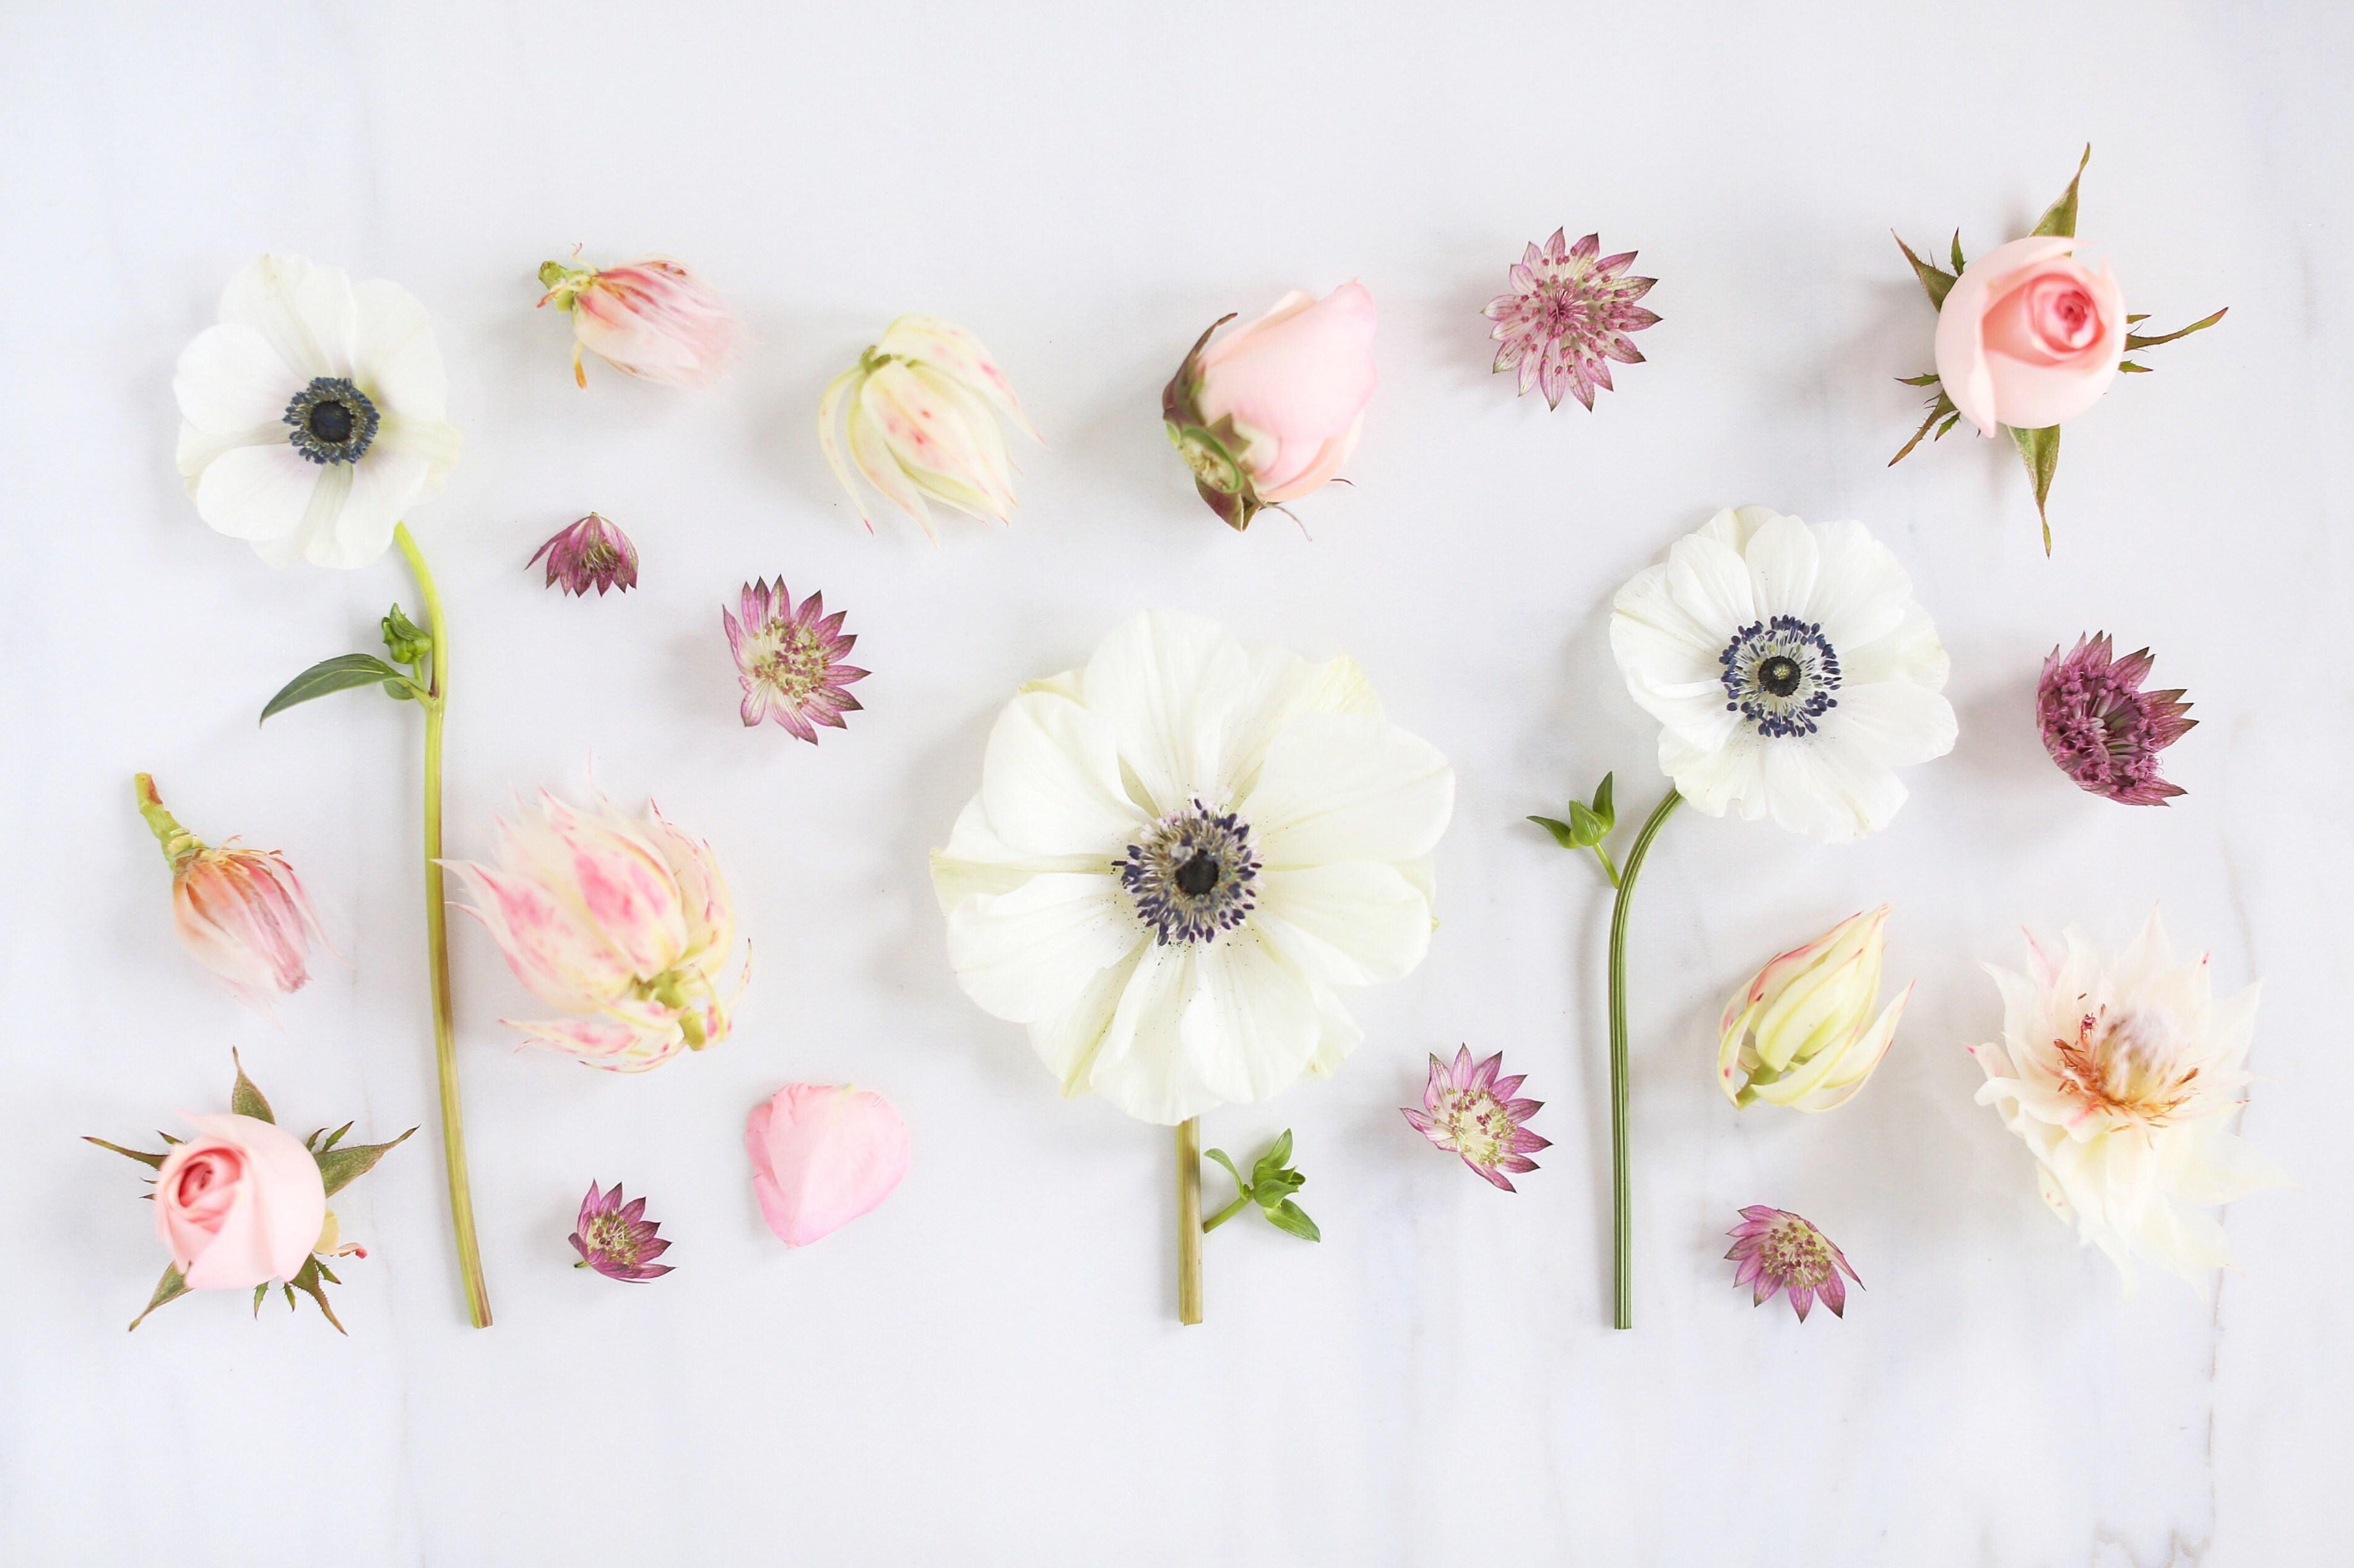 Free Download Floral Desktop Wallpaper 30 Background Pictures